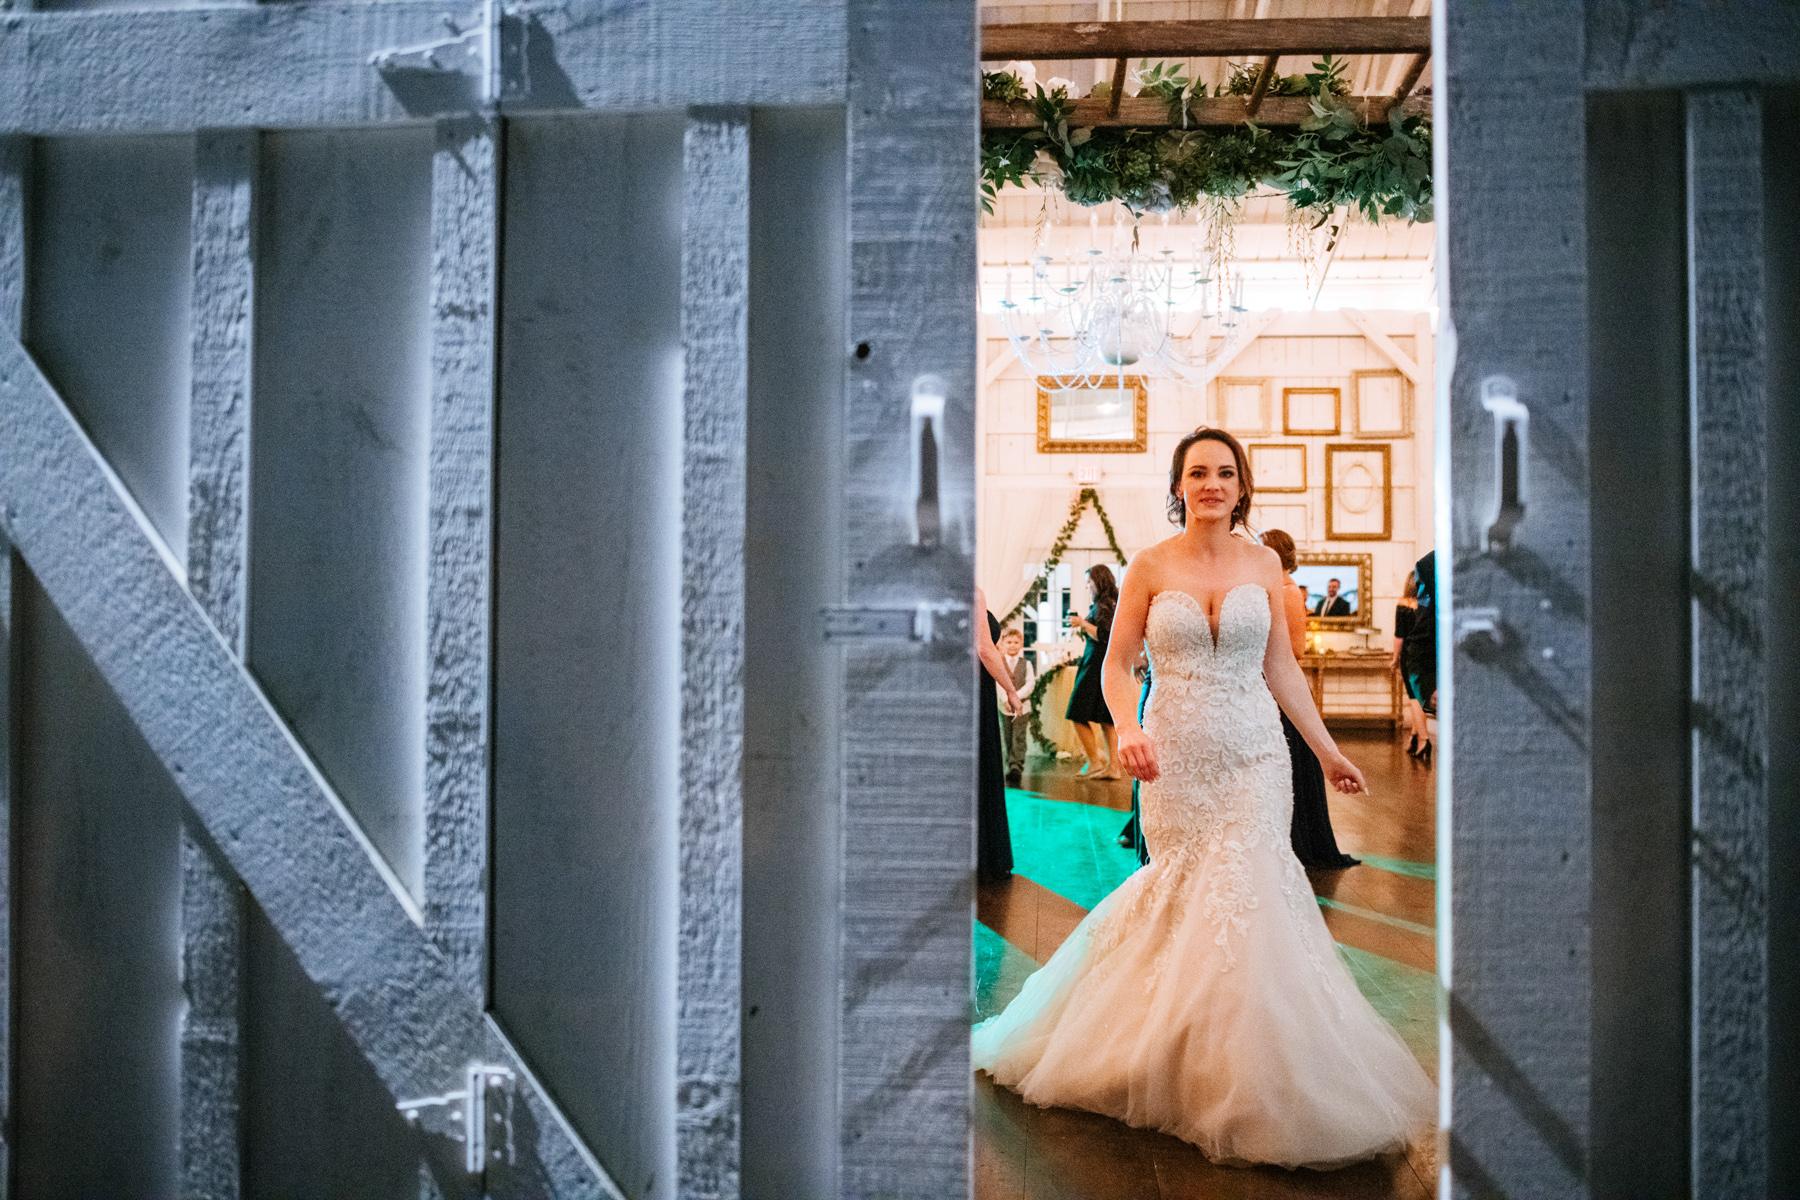 bride dancing through doorway